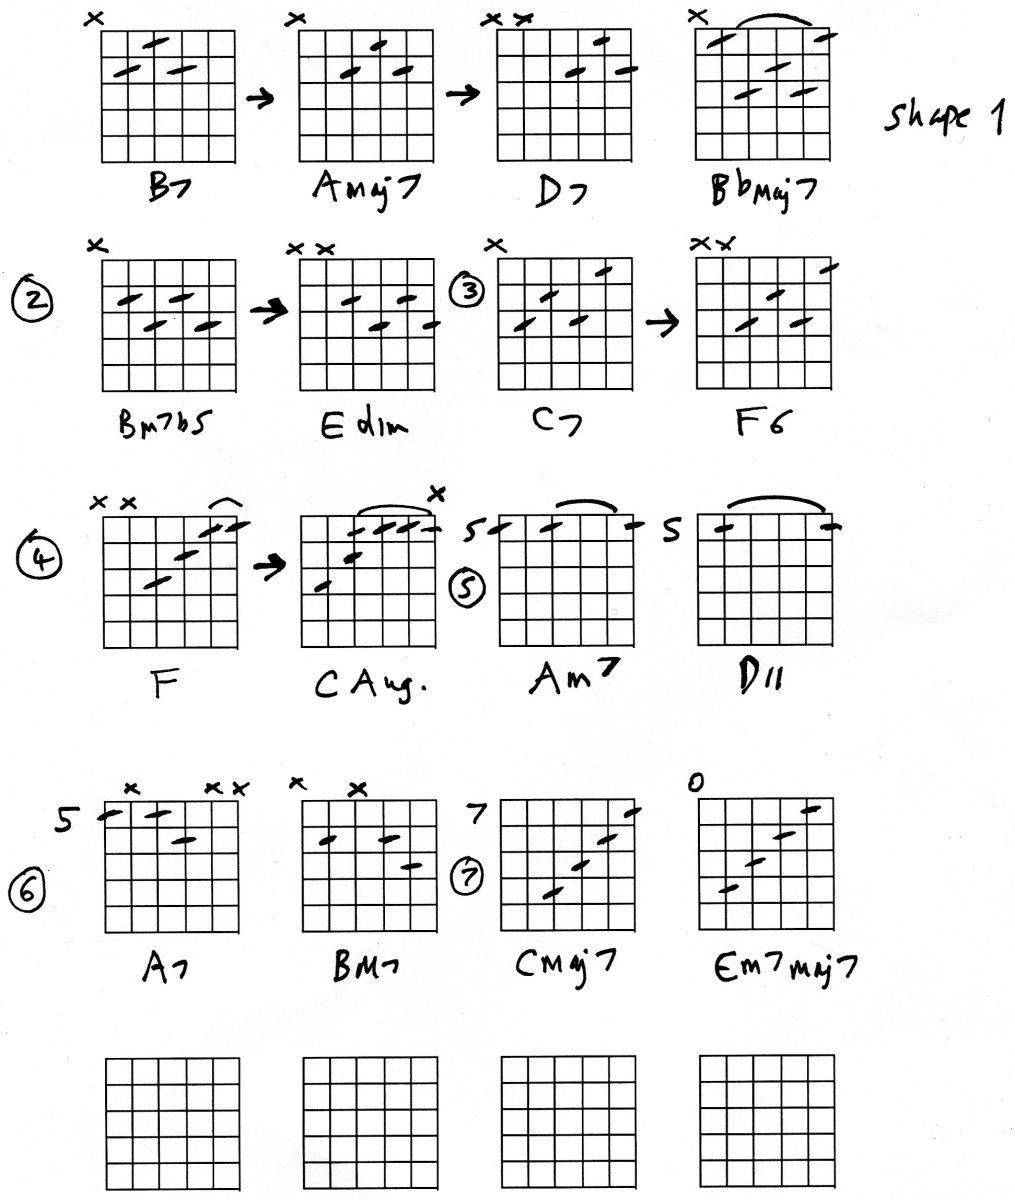 Guitar chords - advanced